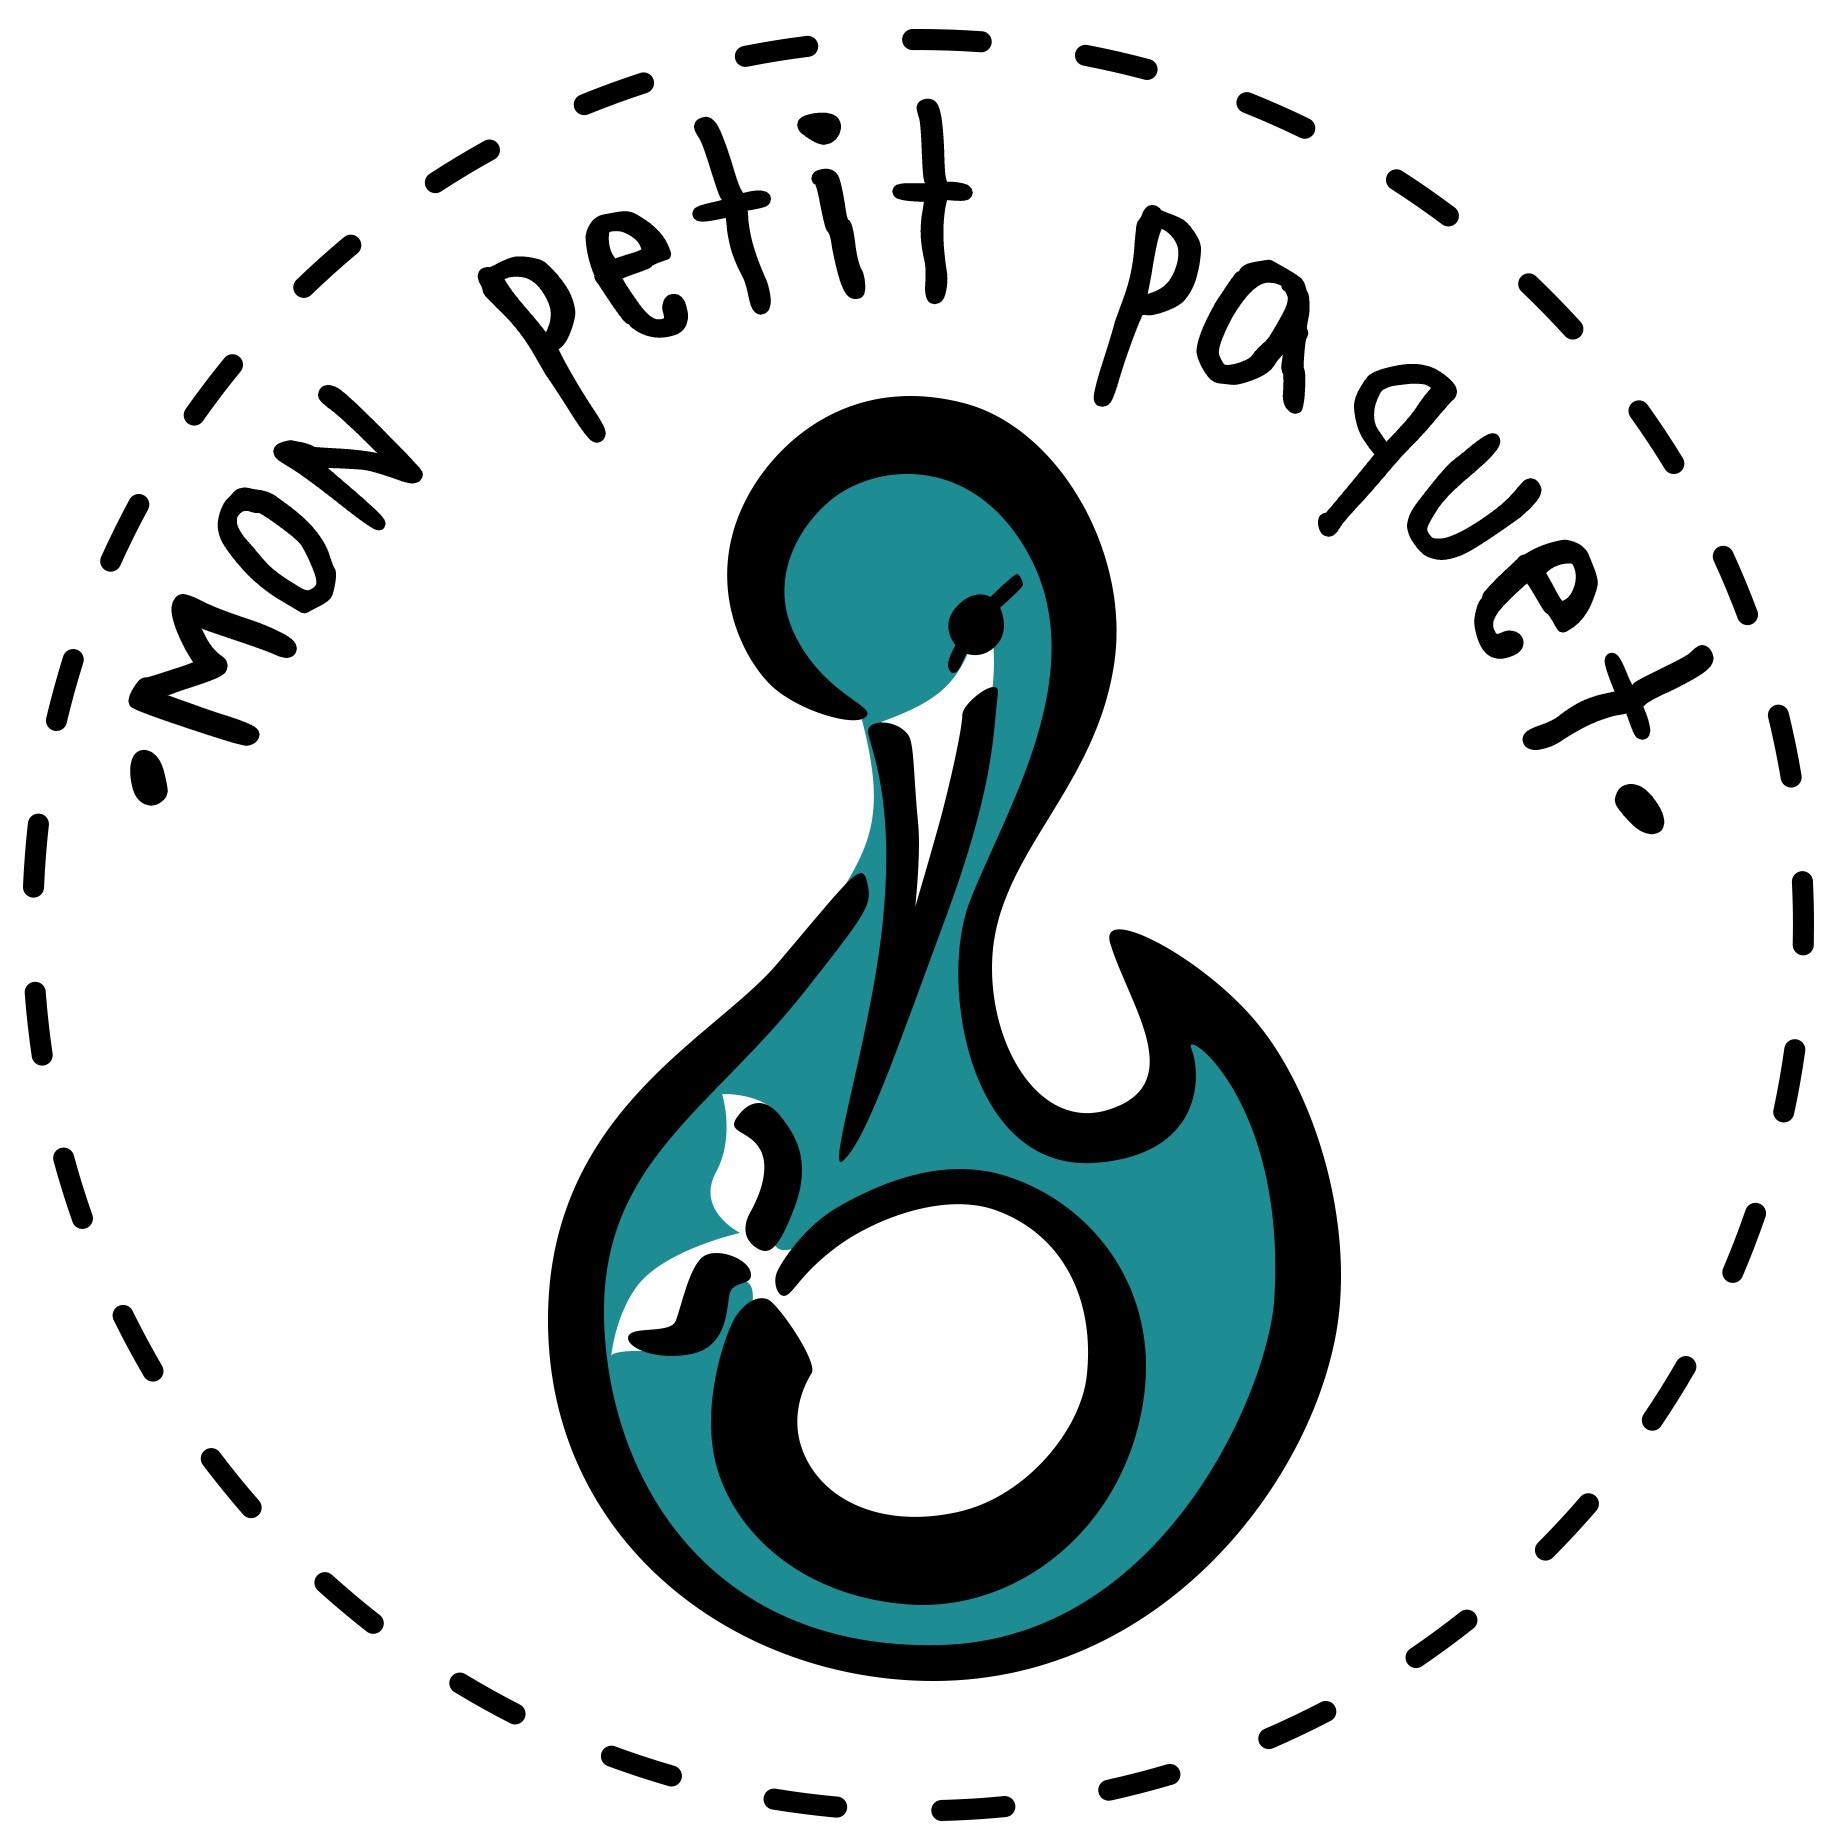 La marque Mon Petit Paquet